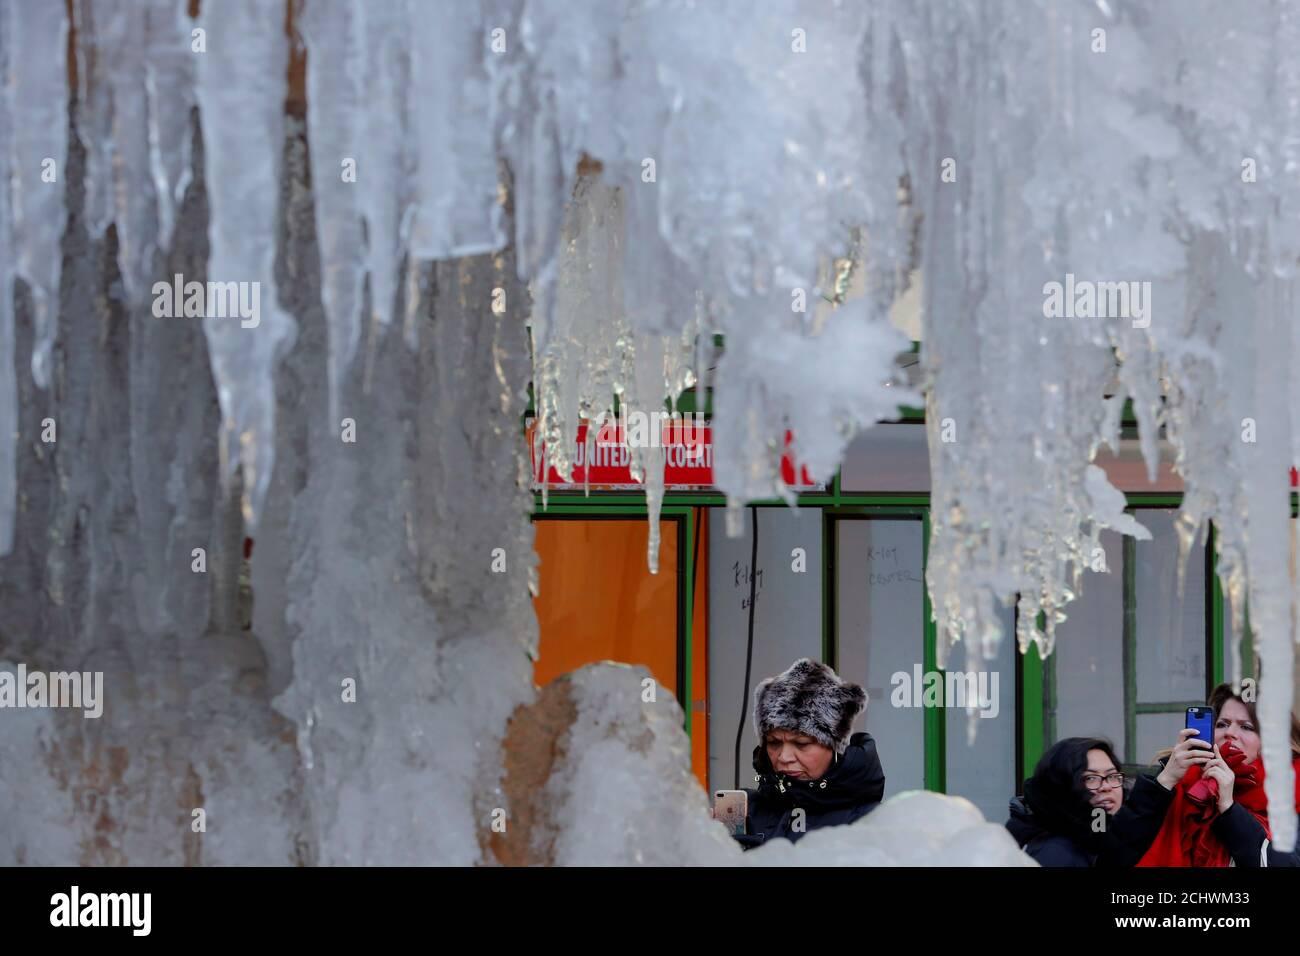 Une femme s'arrête pour photographier la Fontaine commémorative Josephine Shaw Lowell, gelée, à New York, aux États-Unis, le 3 janvier 2018. REUTERS/Lucas Jackson Banque D'Images